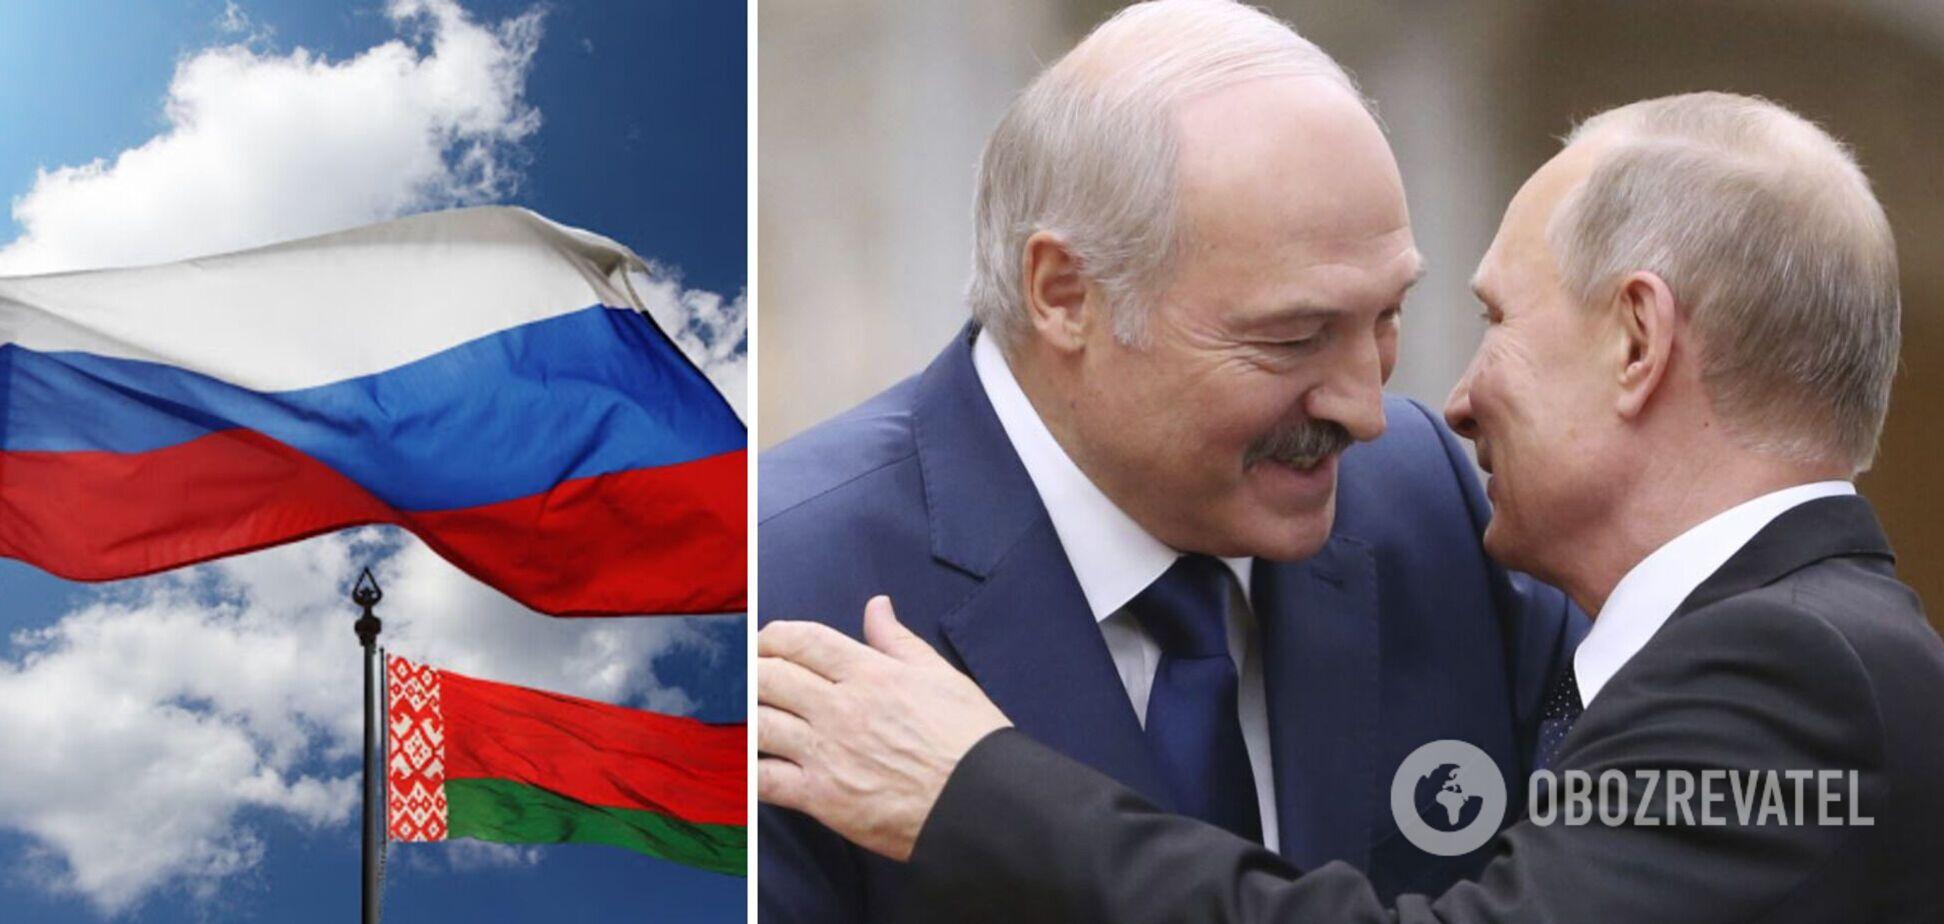 Росія та Білорусь домовилися боротися 'з діяльністю Заходу проти союзної держави'